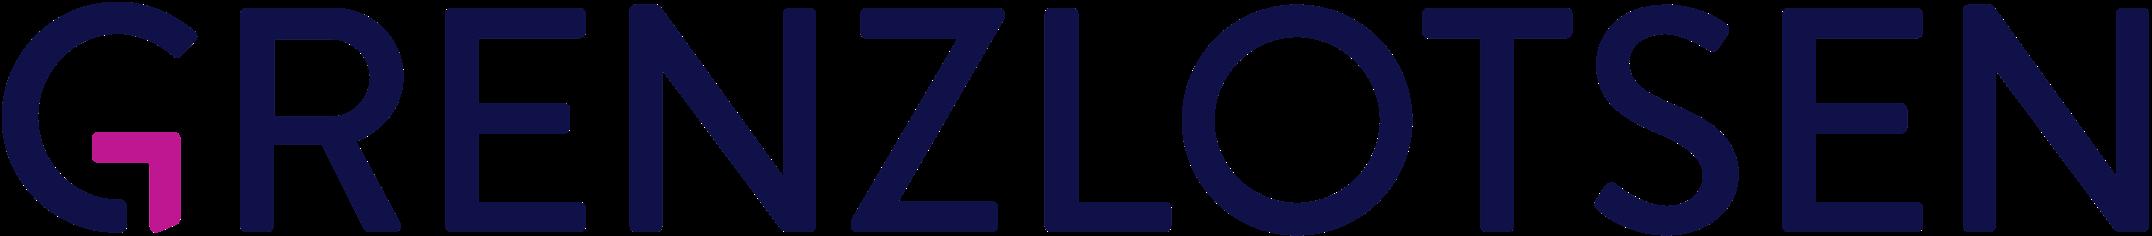 Grenzlotsen GmbH